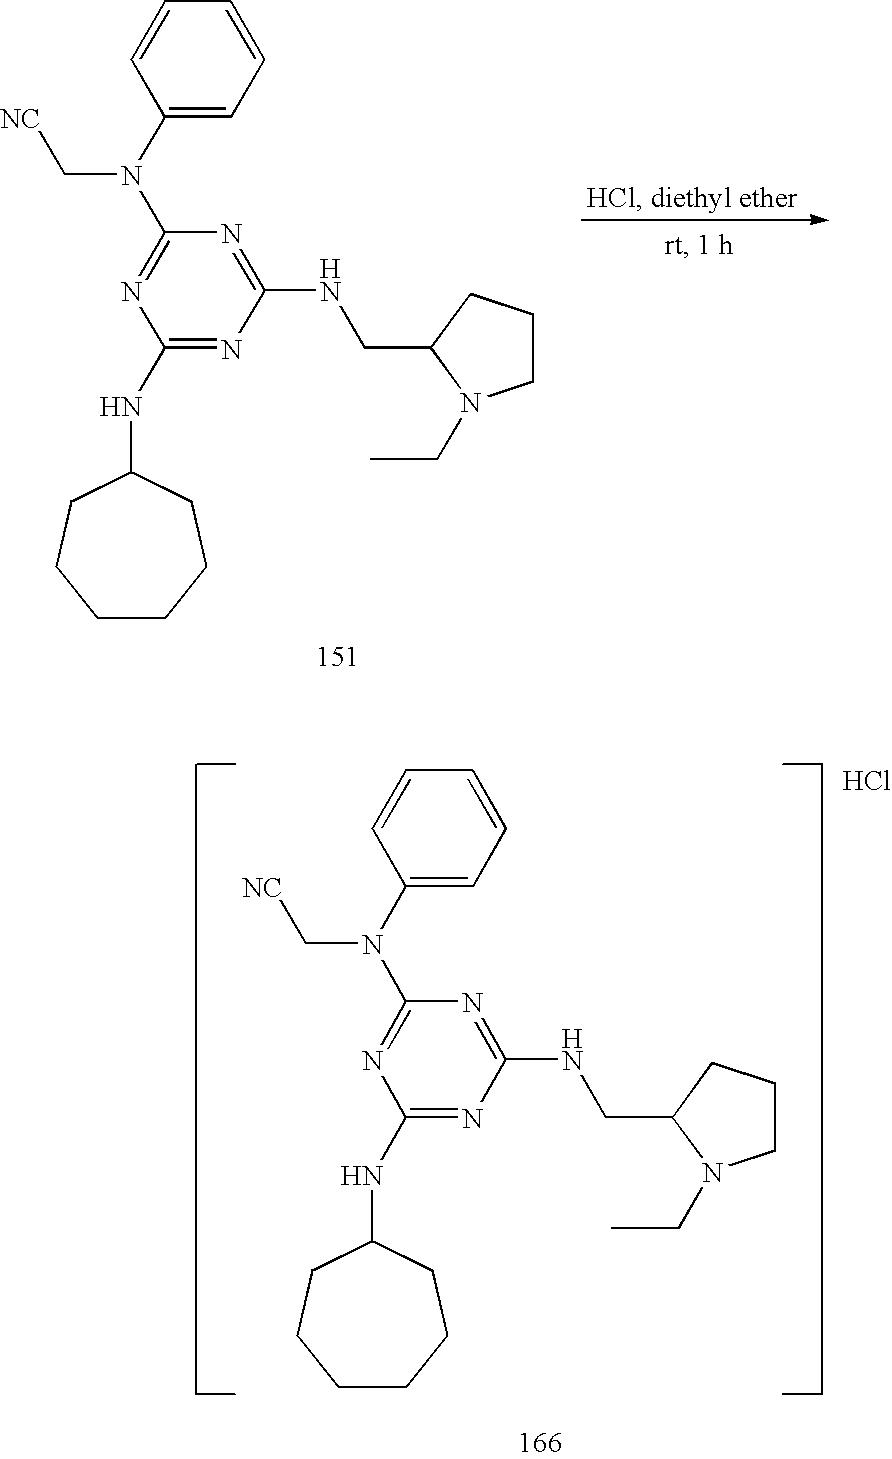 Figure US20050113341A1-20050526-C00187